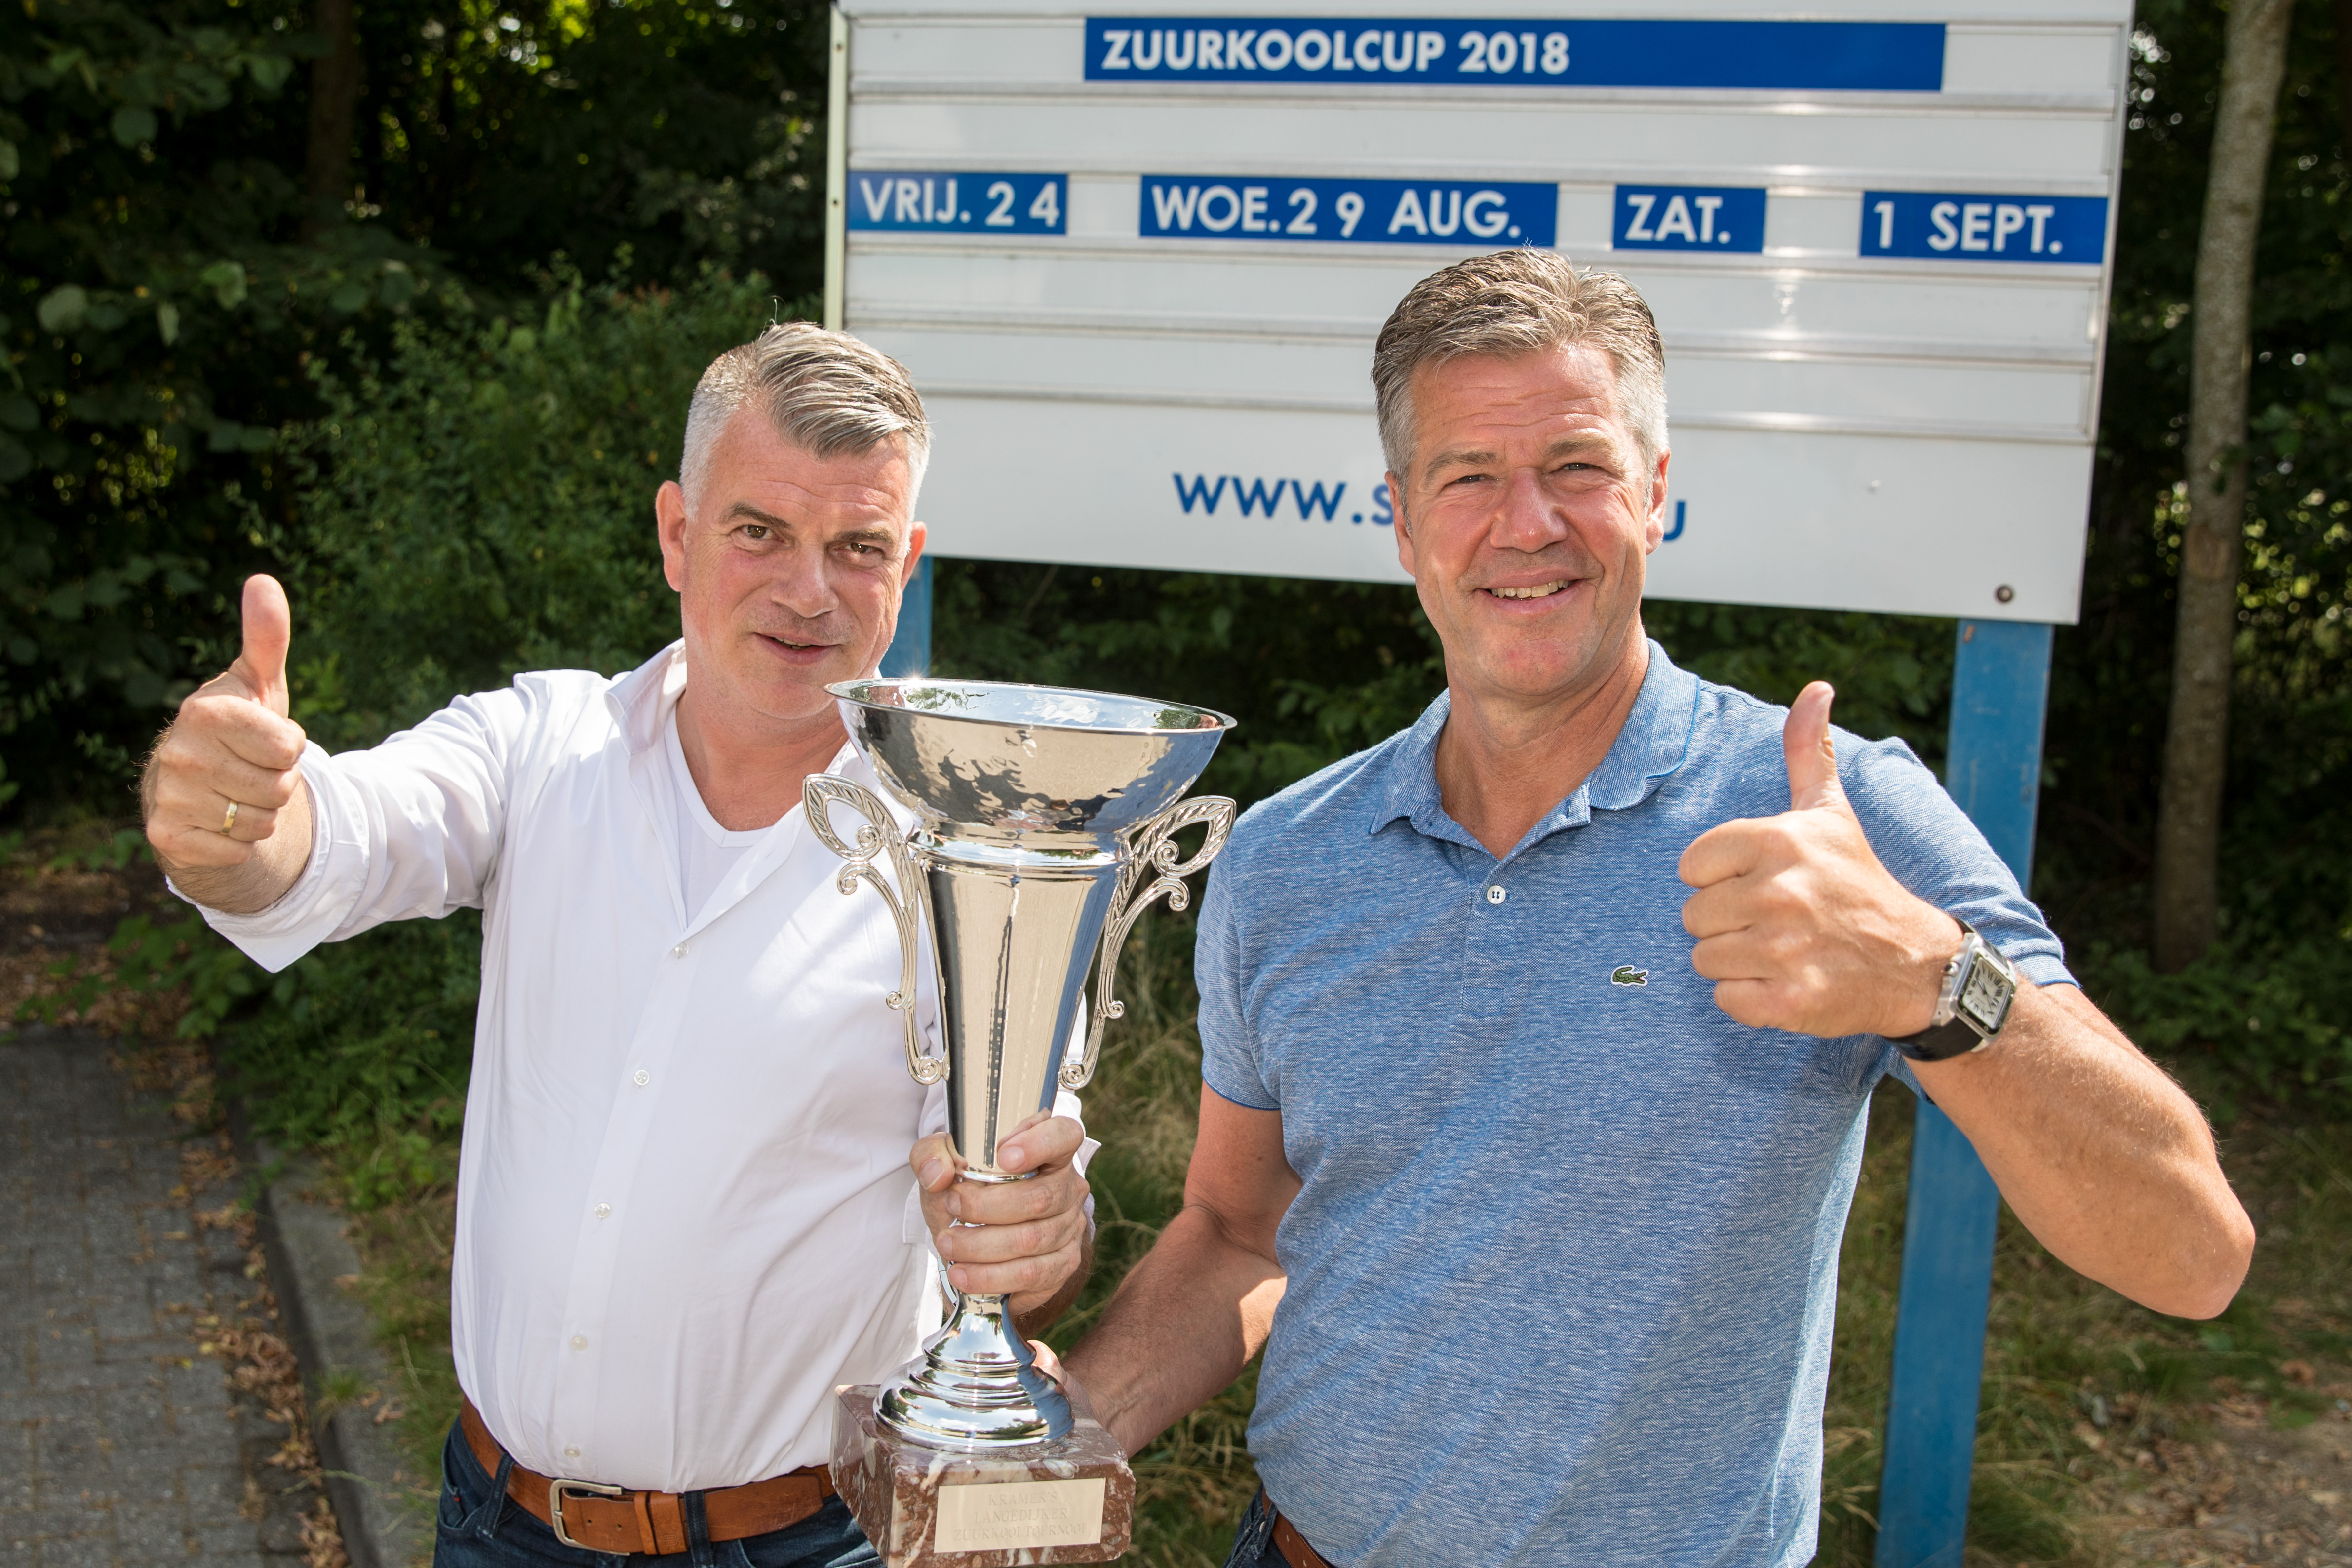 """Rick Tauber (l) en Kees Feller: """"Omdat dit sportieve evenement altijd zo'n succes is, geeft het voldoening het te mogen organiseren."""" (Foto's Vincent de Vries/RM) rodi.nl © rodi"""